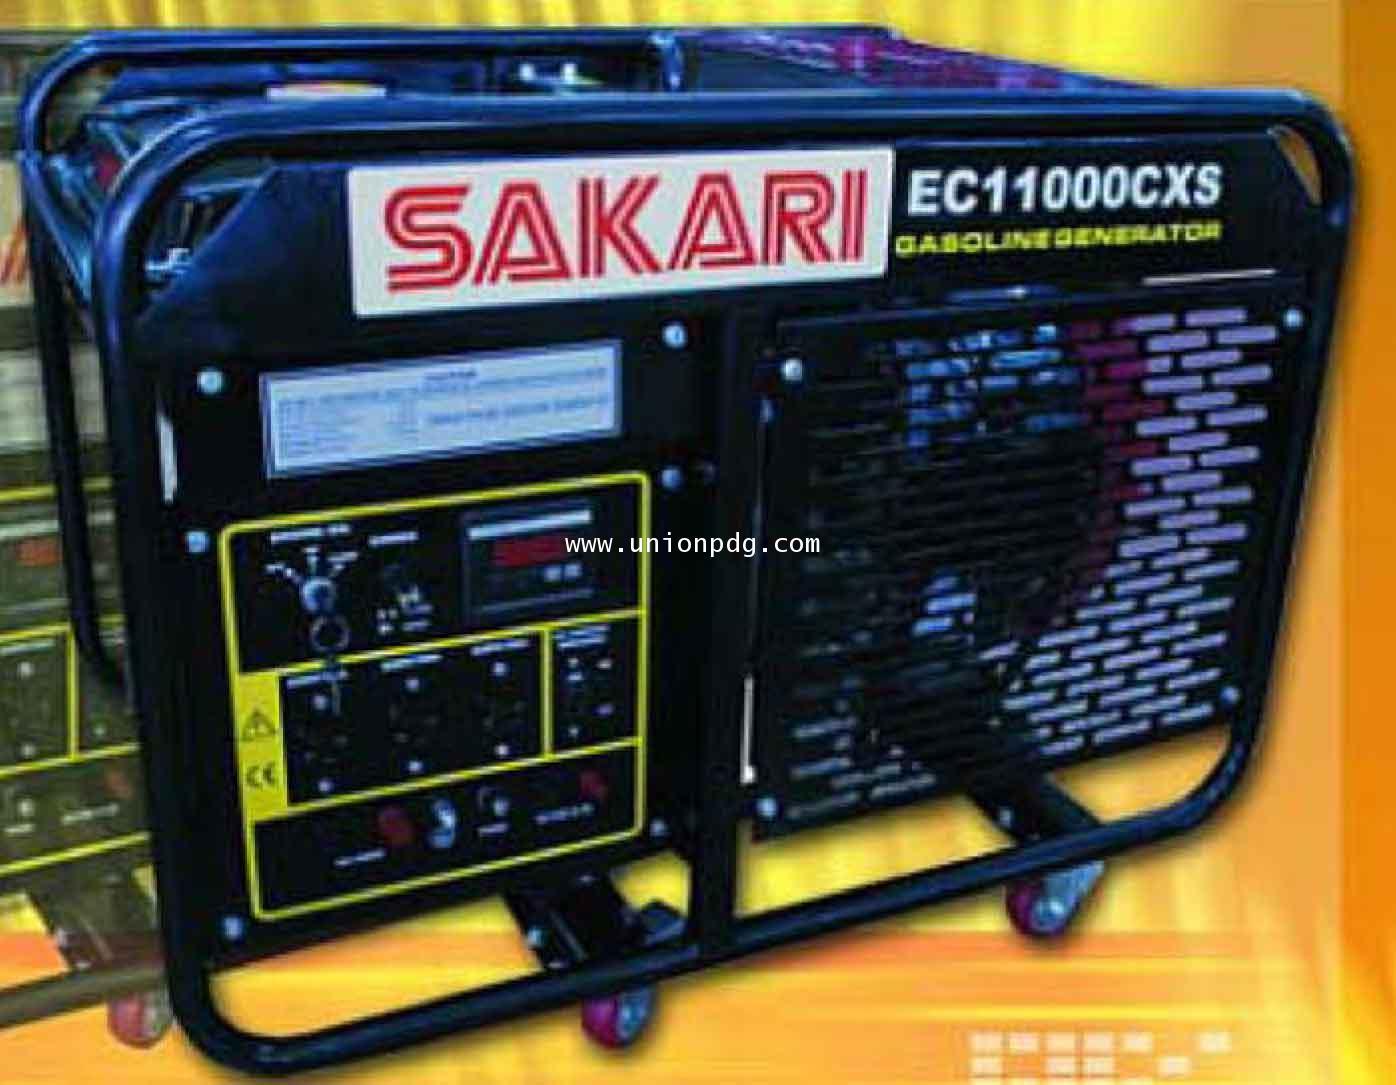 เครื่องกำเนิดไฟฟ้า เครื่องปั่นไฟ 9500 WATT /EC11000CXS